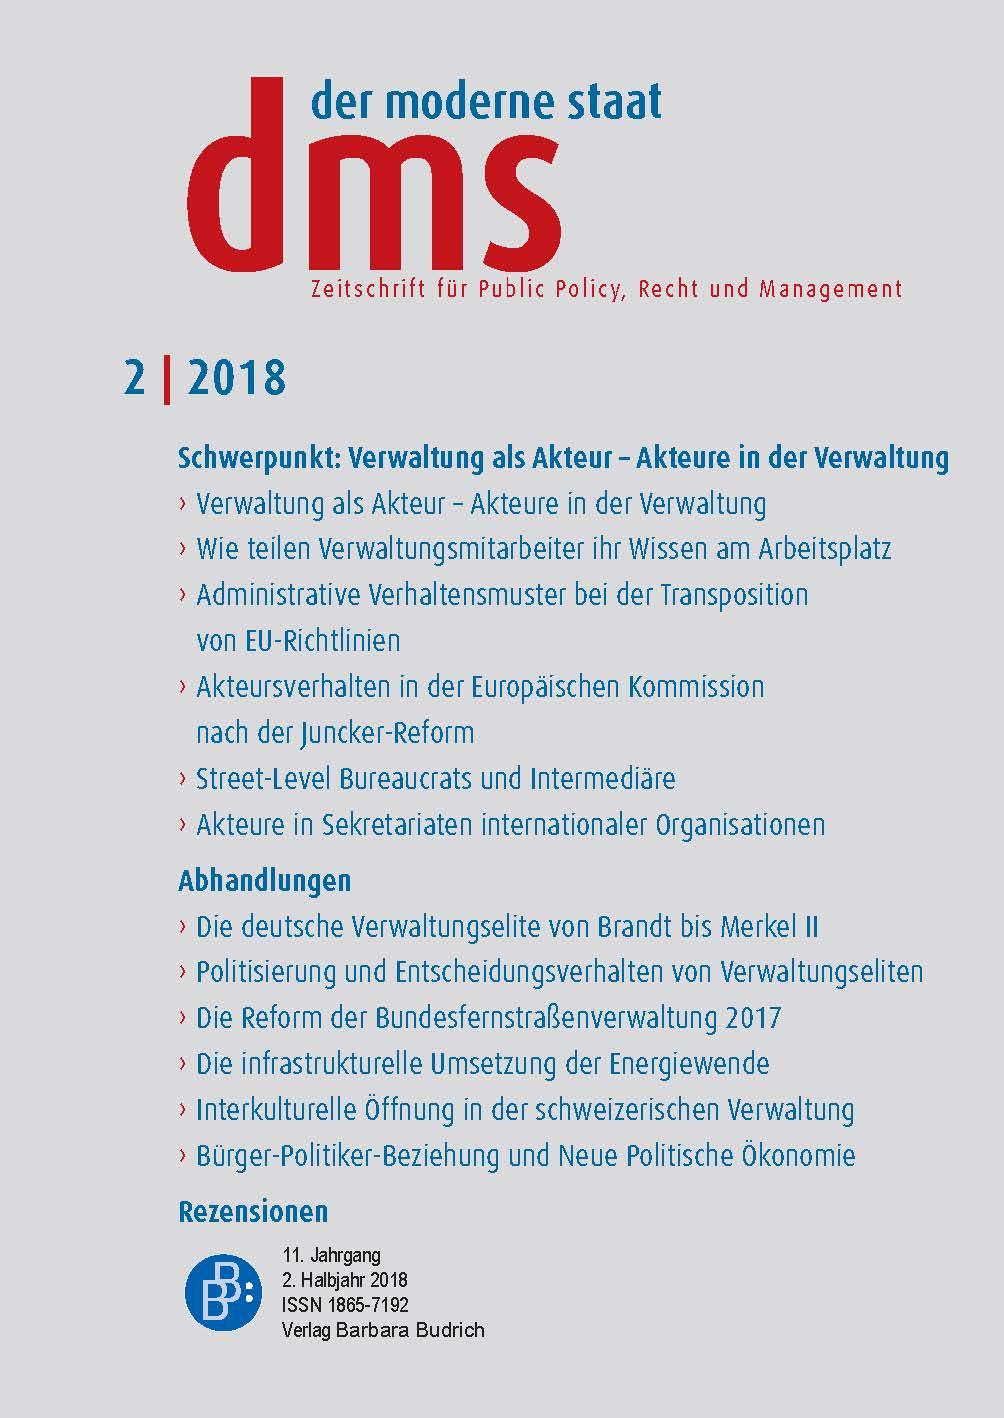 dms 2-2018 | Verwaltung als Akteur - Akteur in der Verwaltung